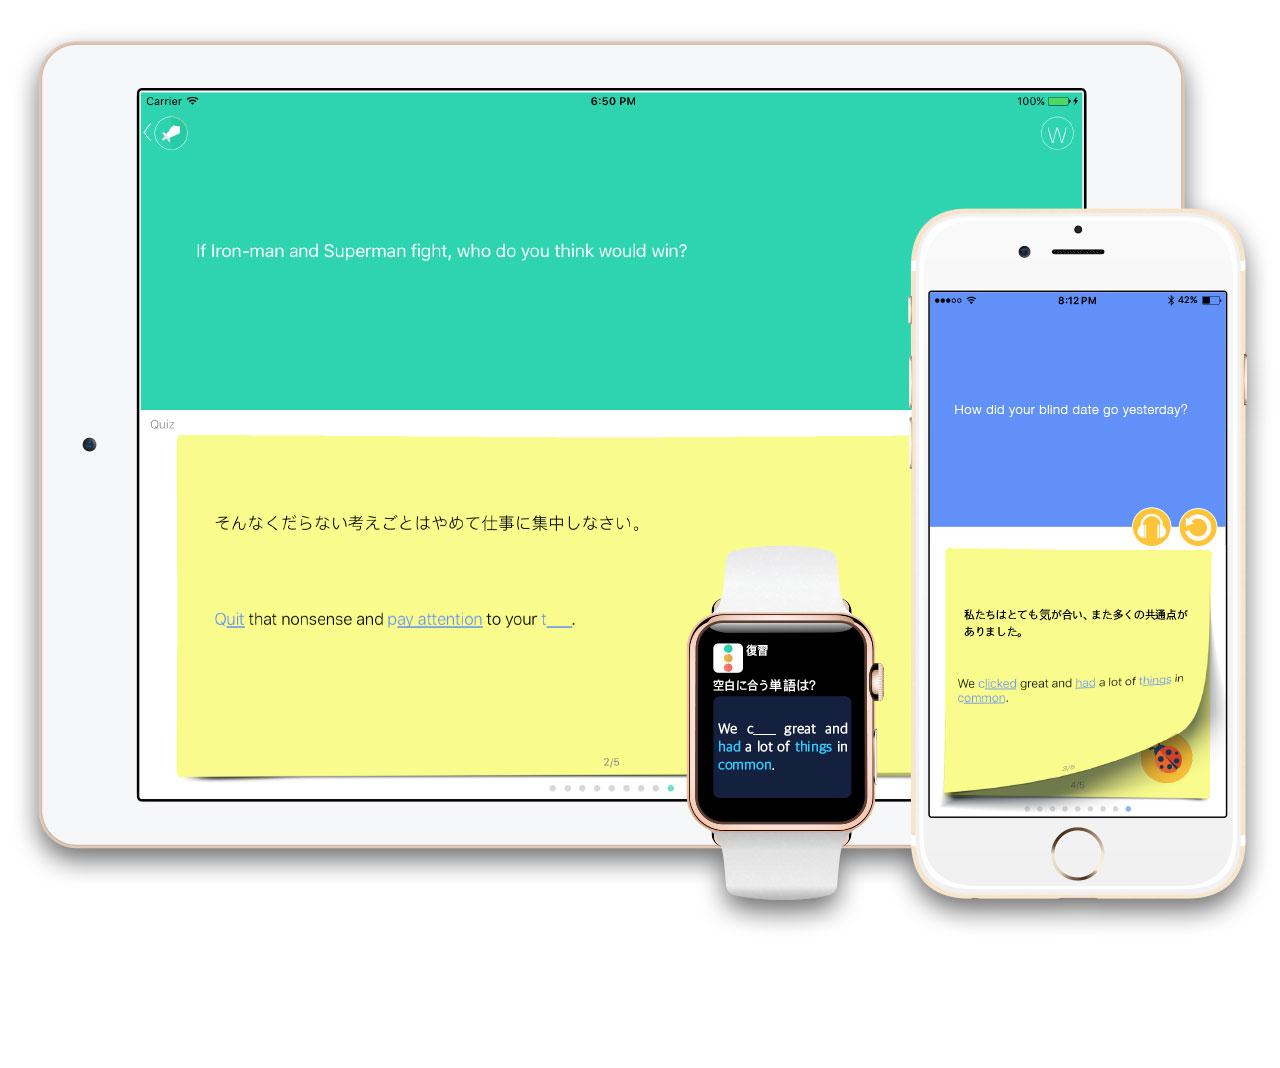 このアプリには通知センターの'ウィジェット'学習や通知クイズ学習、アップルウォッチを利用した学習、またリスニング専用モード、毎日の新規表現プッシュ通知など、多彩な学習方法があります。